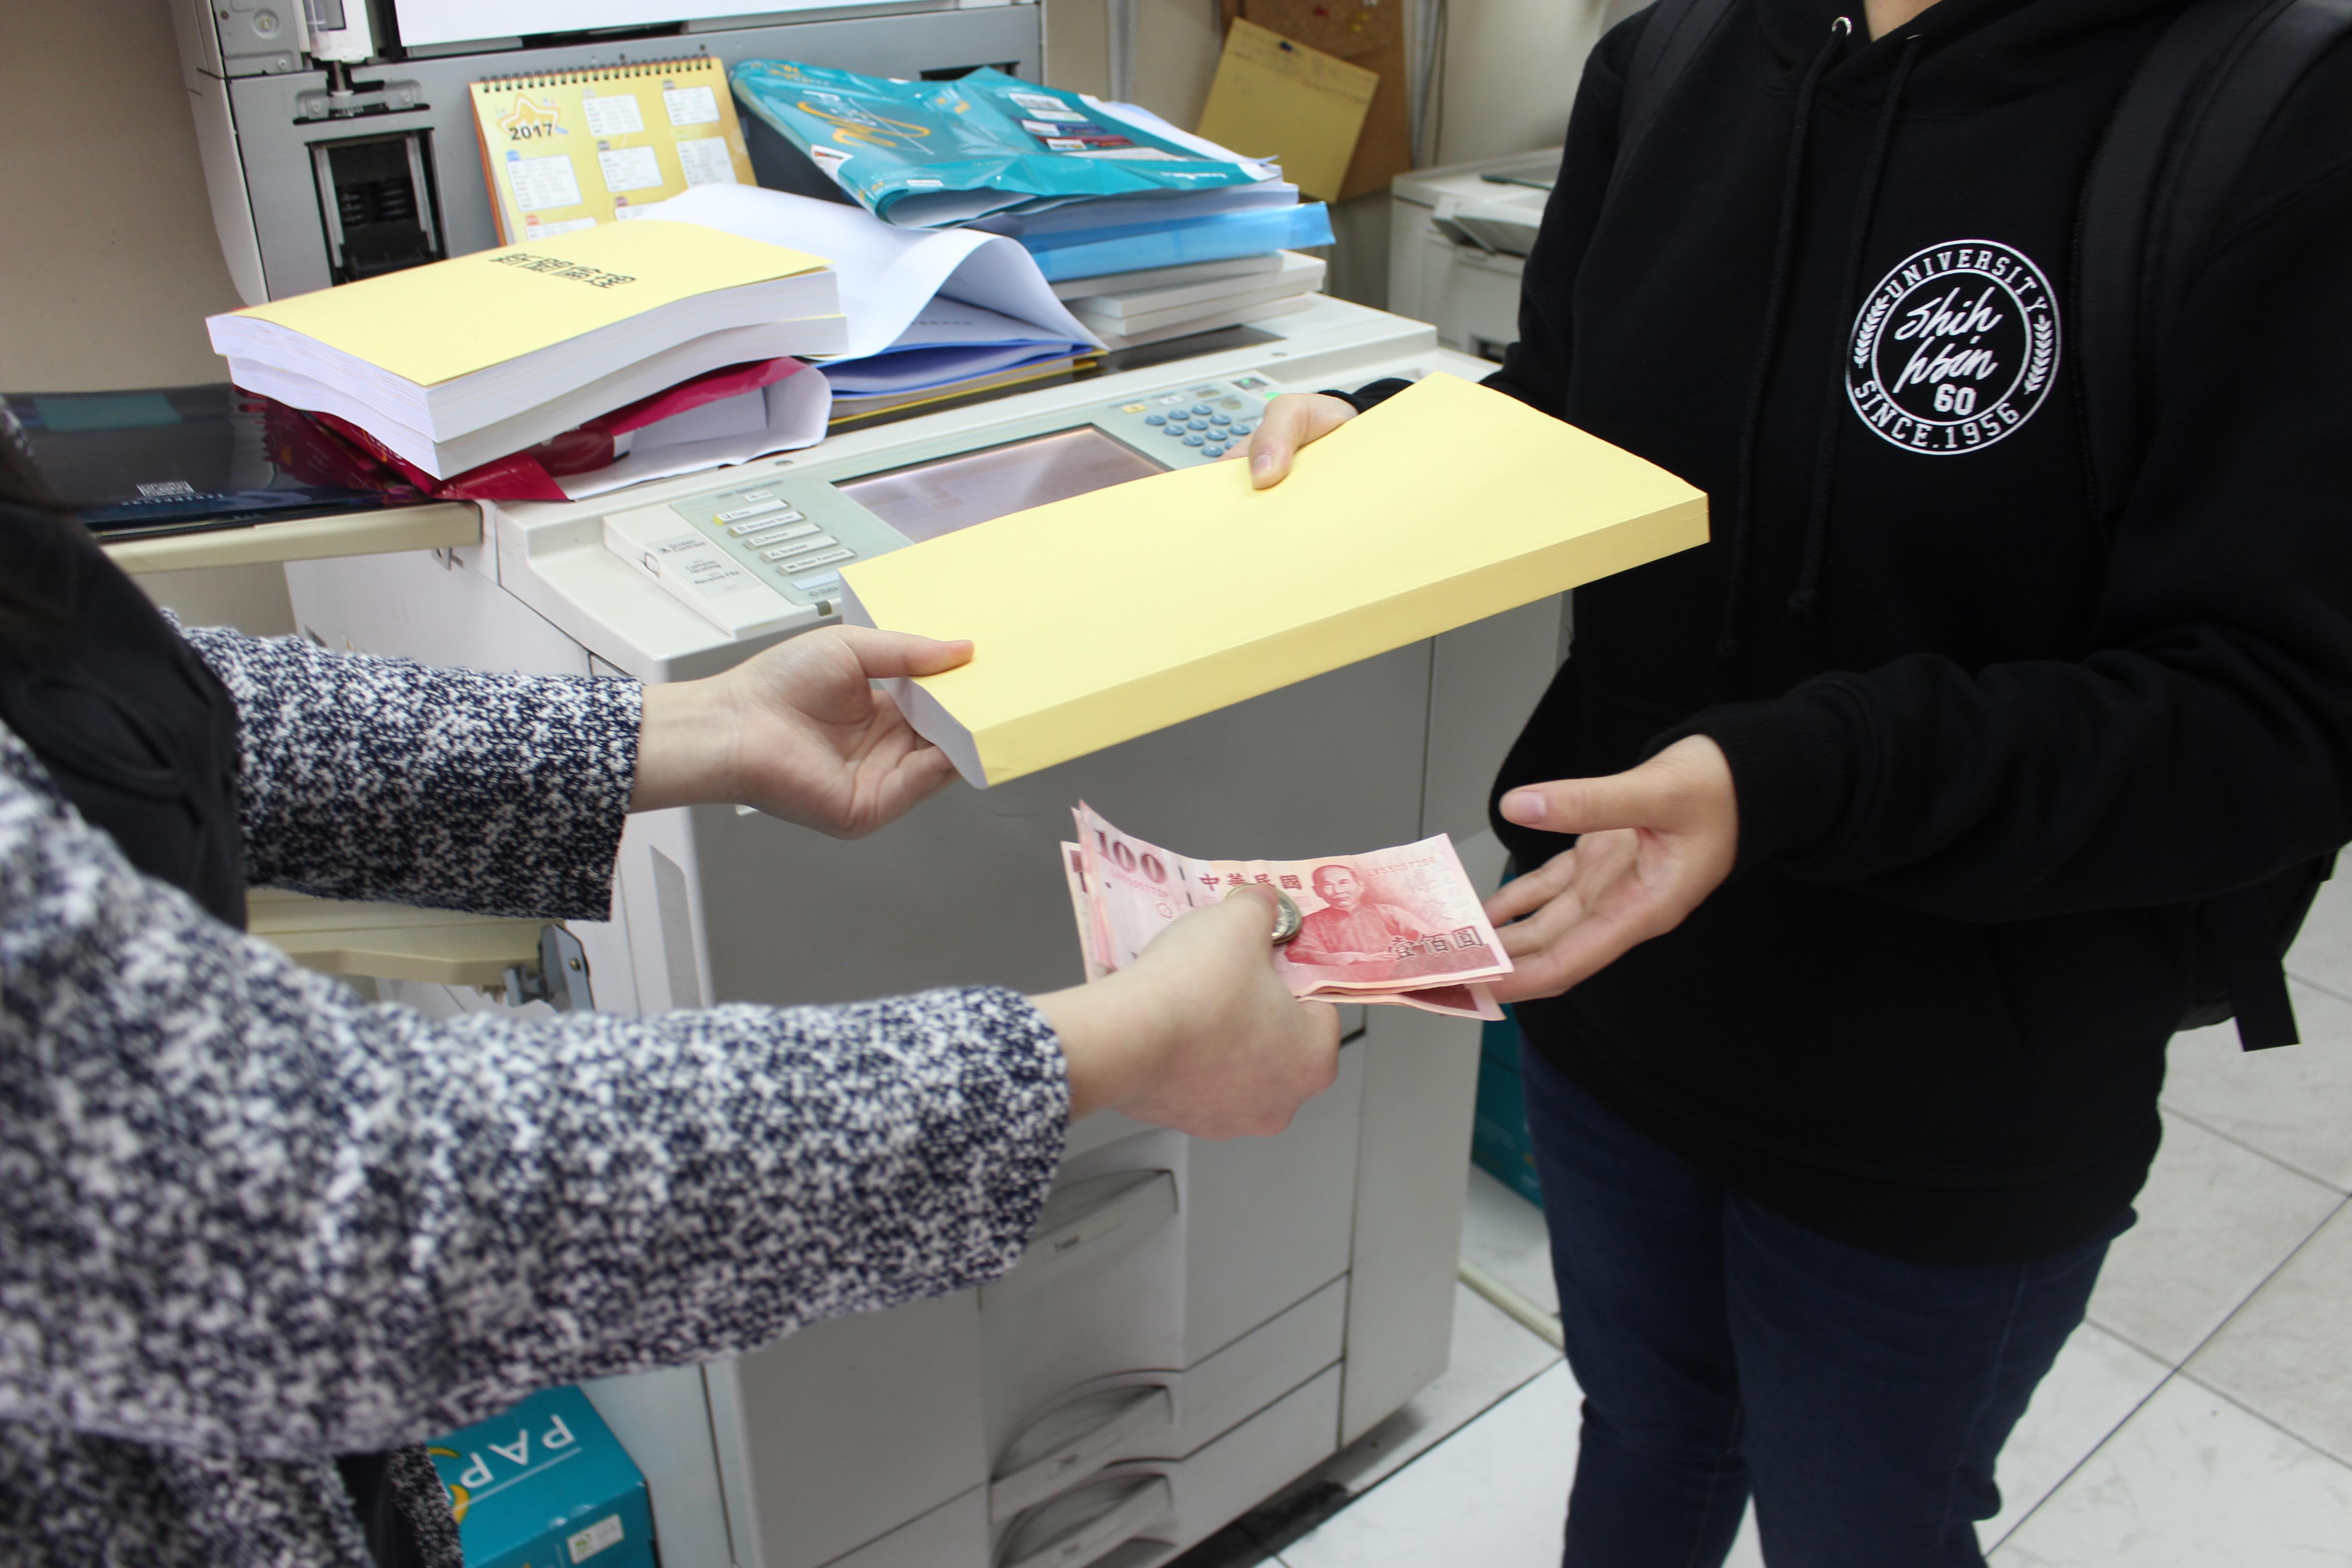 傳統的「一手交錢,一手交貨」的交易模式。 攝影/胡凡